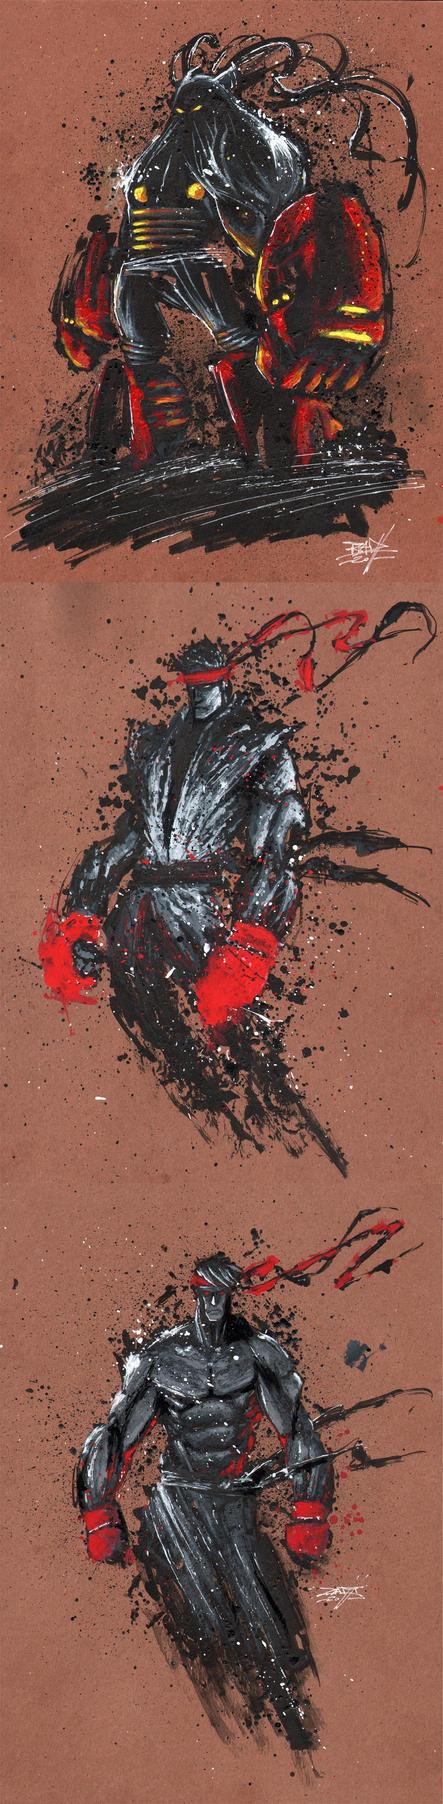 ART 4 PHUN: INK  GOUACHE 02 by RobDuenas